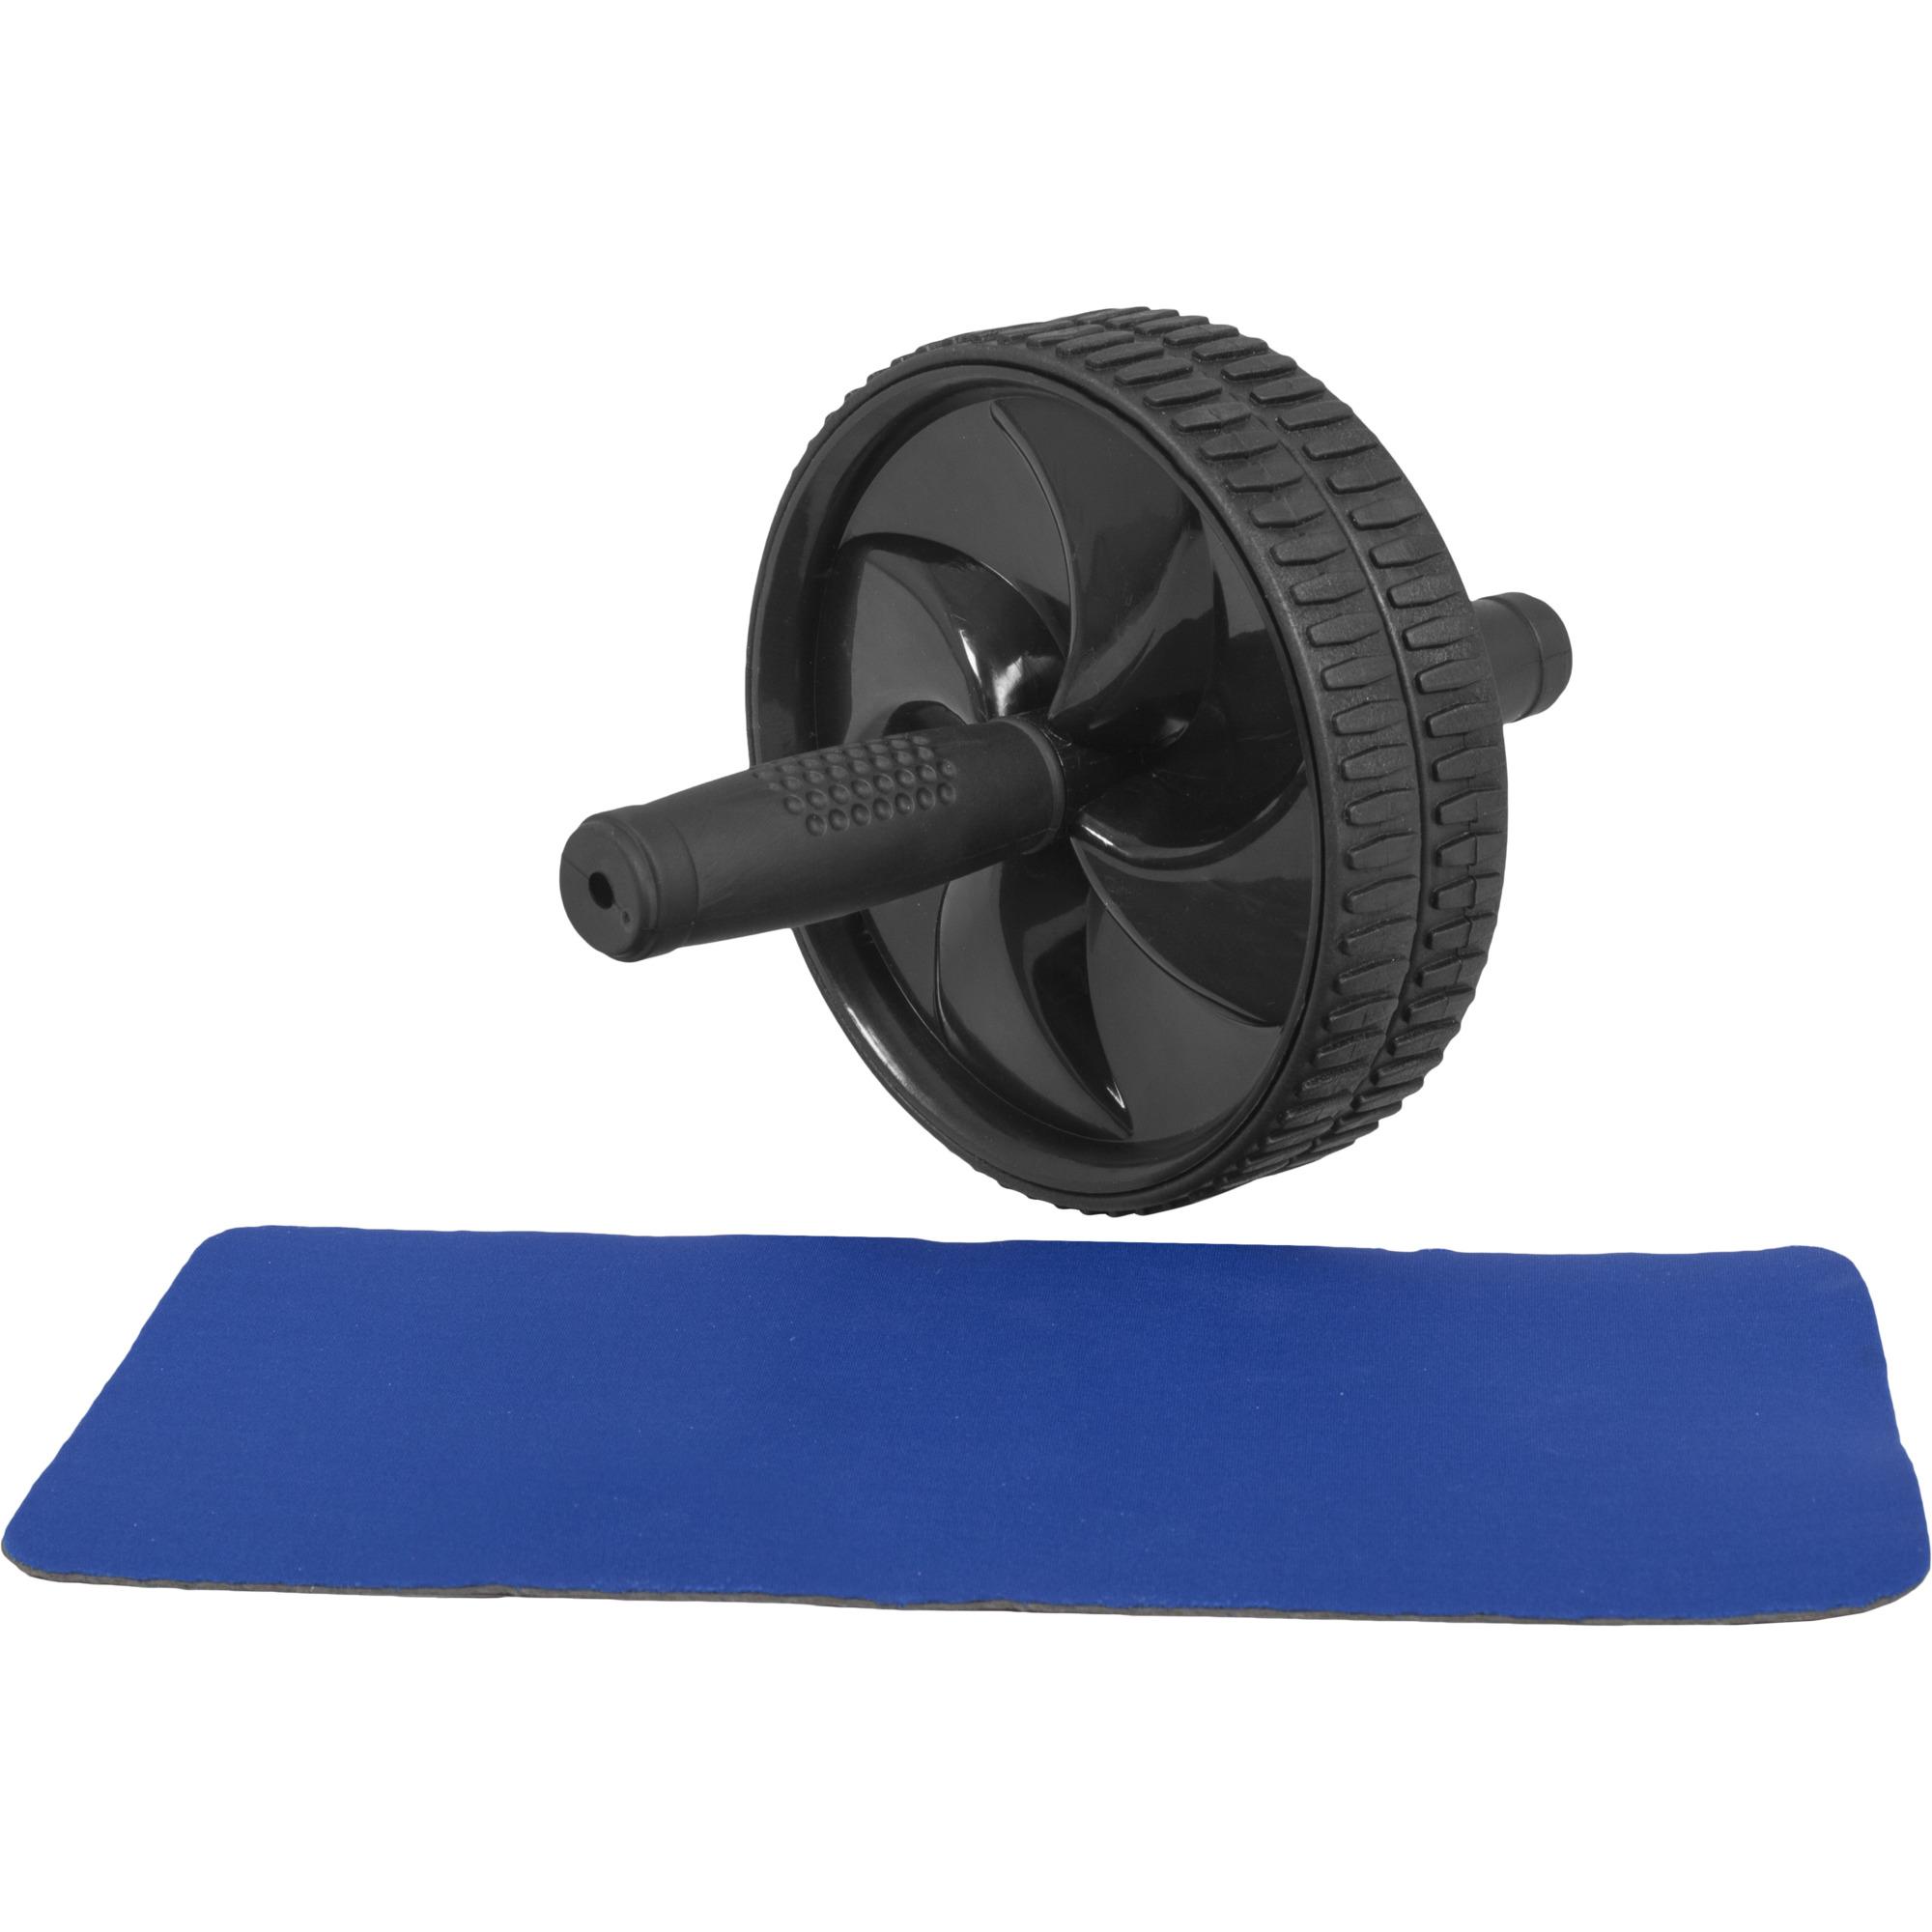 Gorilla Sports Ab Roller mit Unterlegmatte 100487-00019-0001